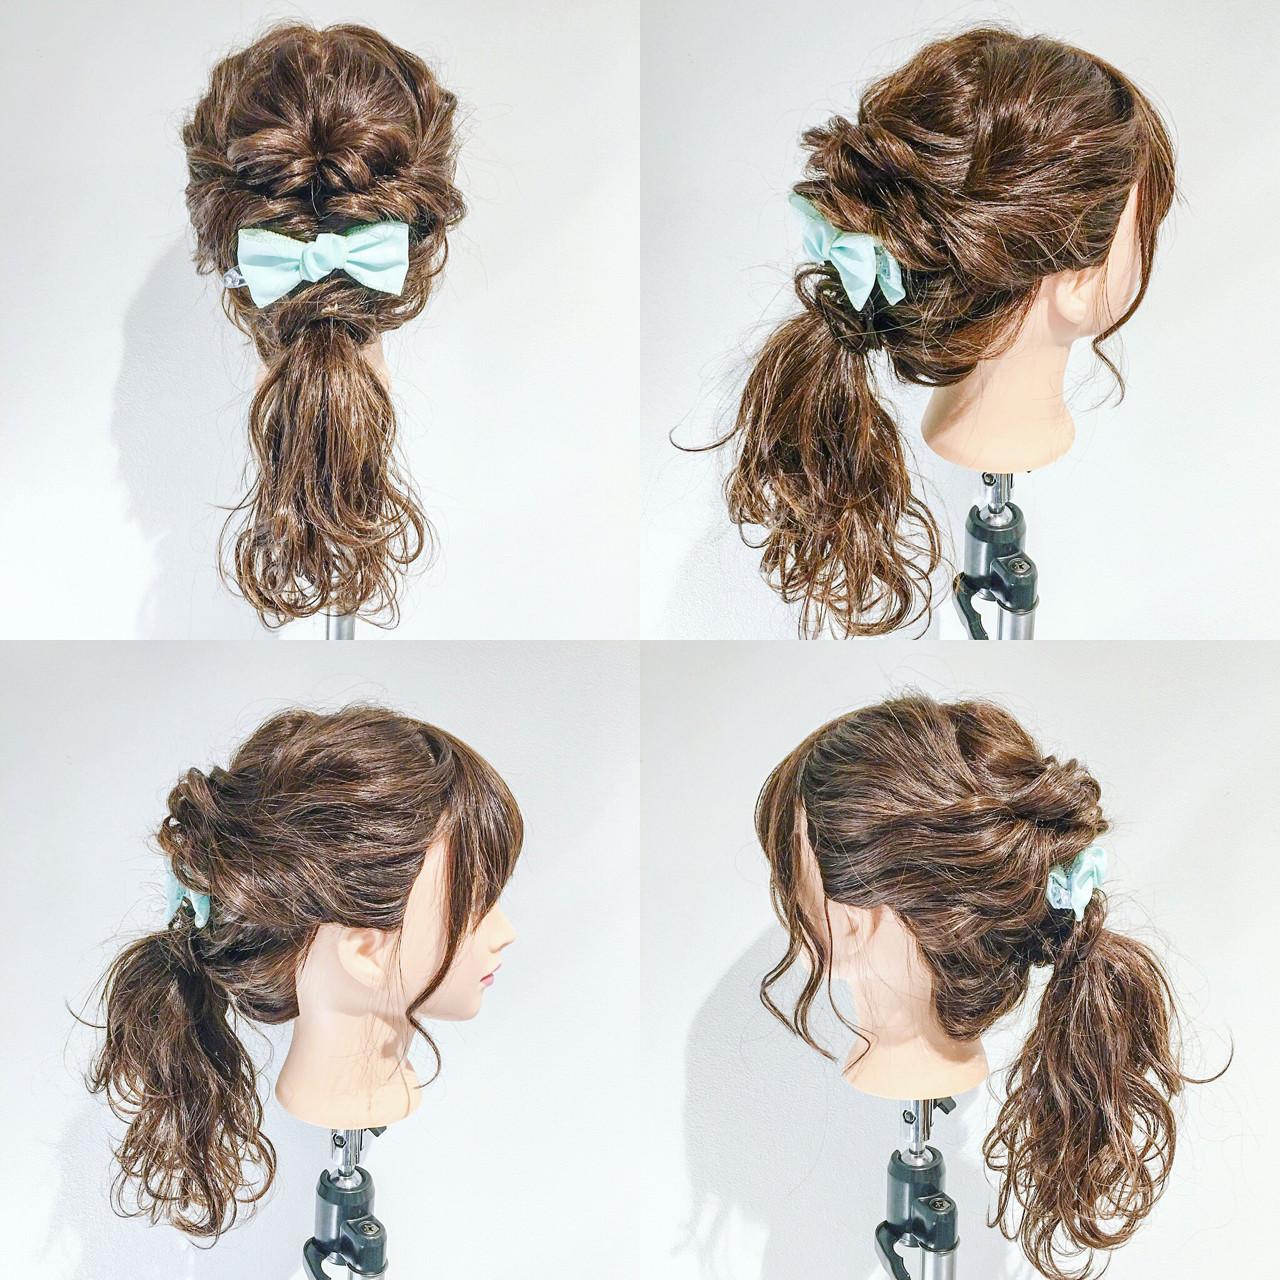 セミロング デート 簡単ヘアアレンジ ポニーテール ヘアスタイルや髪型の写真・画像